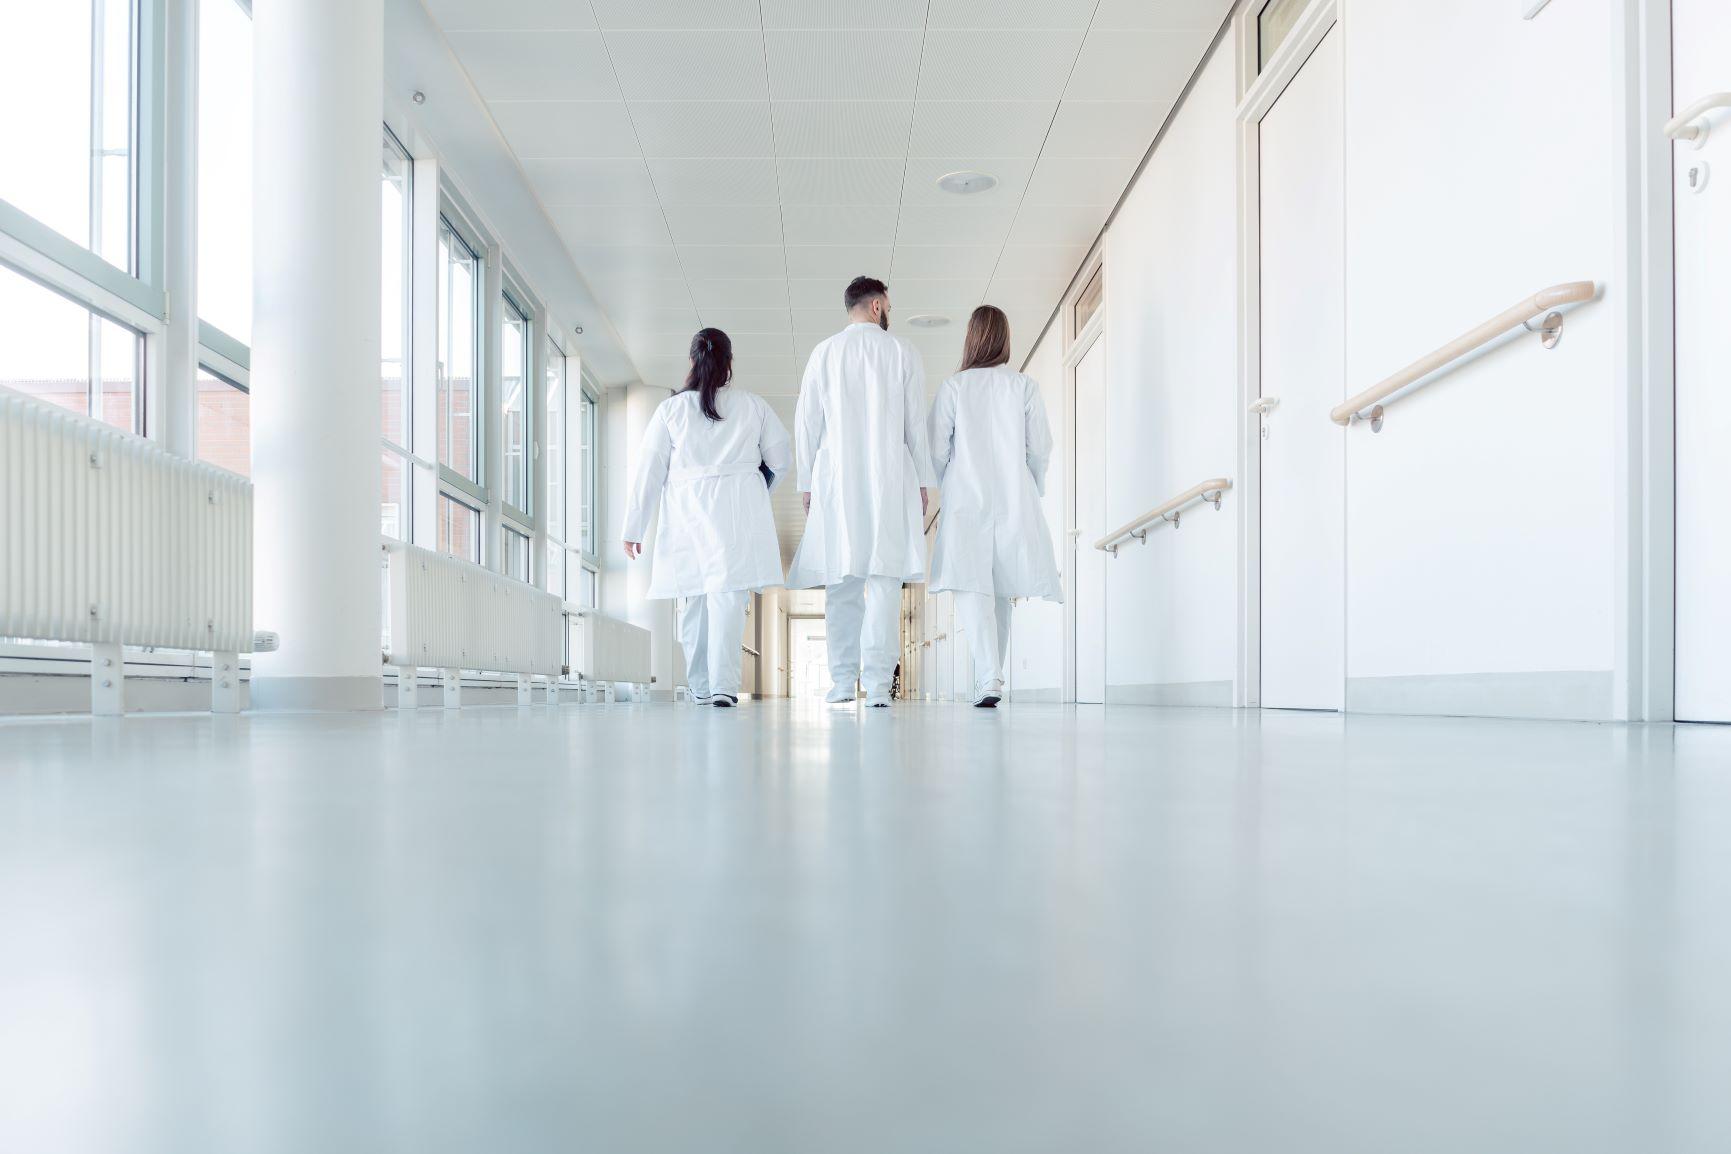 Offres d'emploi en gynécologie : Des annonces dédiées aux gynécologues médicaux.   Le suivi gynécologique des femmes tout au long de leur vie est primordial pour les maintenir en bonne santé et les aider à prendre les bonnes décisions. C'est le rôle du gynécologue médical.  SI vous êtes médecin spécialisé en gynécologie médicale, nous vous proposons des offres d'emploi dédiées à votre spécialité.    Gynécologie médicale, une spécialité à part entière   En qualité de gynécologue médical, votre rôle est essentiel. Vous êtes le médecin référent des patientes dans leur quotidien et êtes le point d'appui pour tous les autres spécialistes en gynécologie (gynécologue obstétricien, chirurgien gynécologue…) qui pourront les accompagner lors d'étapes clés de leur vie.  De l'adolescence jusqu'à la fin de leur vie, vous prenez en charge les patientes dans leur globalité et vous leur apportez un soutien sur diverses questions gynécologiques :  Contraception, prévention et prise en charge des IST Sexualité, infertilité du couple Suivi de grossesse normale Puberté pathologique Maladies endocriniennes Ménopause Vous aidez réellement les patientes dans leur quotidien. Elles vous sont d'ailleurs parfois adressées par les médecins généralistes afin que vous leur proposiez une réponse et un accompagnement d'expert.  A votre tour, vous pourrez les adressées à d'autres confrères pour traiter des pathologies qui ne relèvent pas de votre spécialité telles que les cancers génitaux que vous aurez dépistés ou le suivi de grossesses à risque.  Pour être au plus près des patientes vous pouvez exercer en ville dans un centre médical spécialisé ou pluridisciplinaire. Mais vous n'êtes pas obligé de travailler en cabinet médical. De plus en plus de postes de praticiens hospitaliers sont disponibles afin d'offrir à la patientèle la possibilité de consulter au sein d'un pôle dédié à la gynécologie.  Le gynécologue médical est sans nulle doute le médecin de confiance de toutes les femmes lorsqu'il s'a